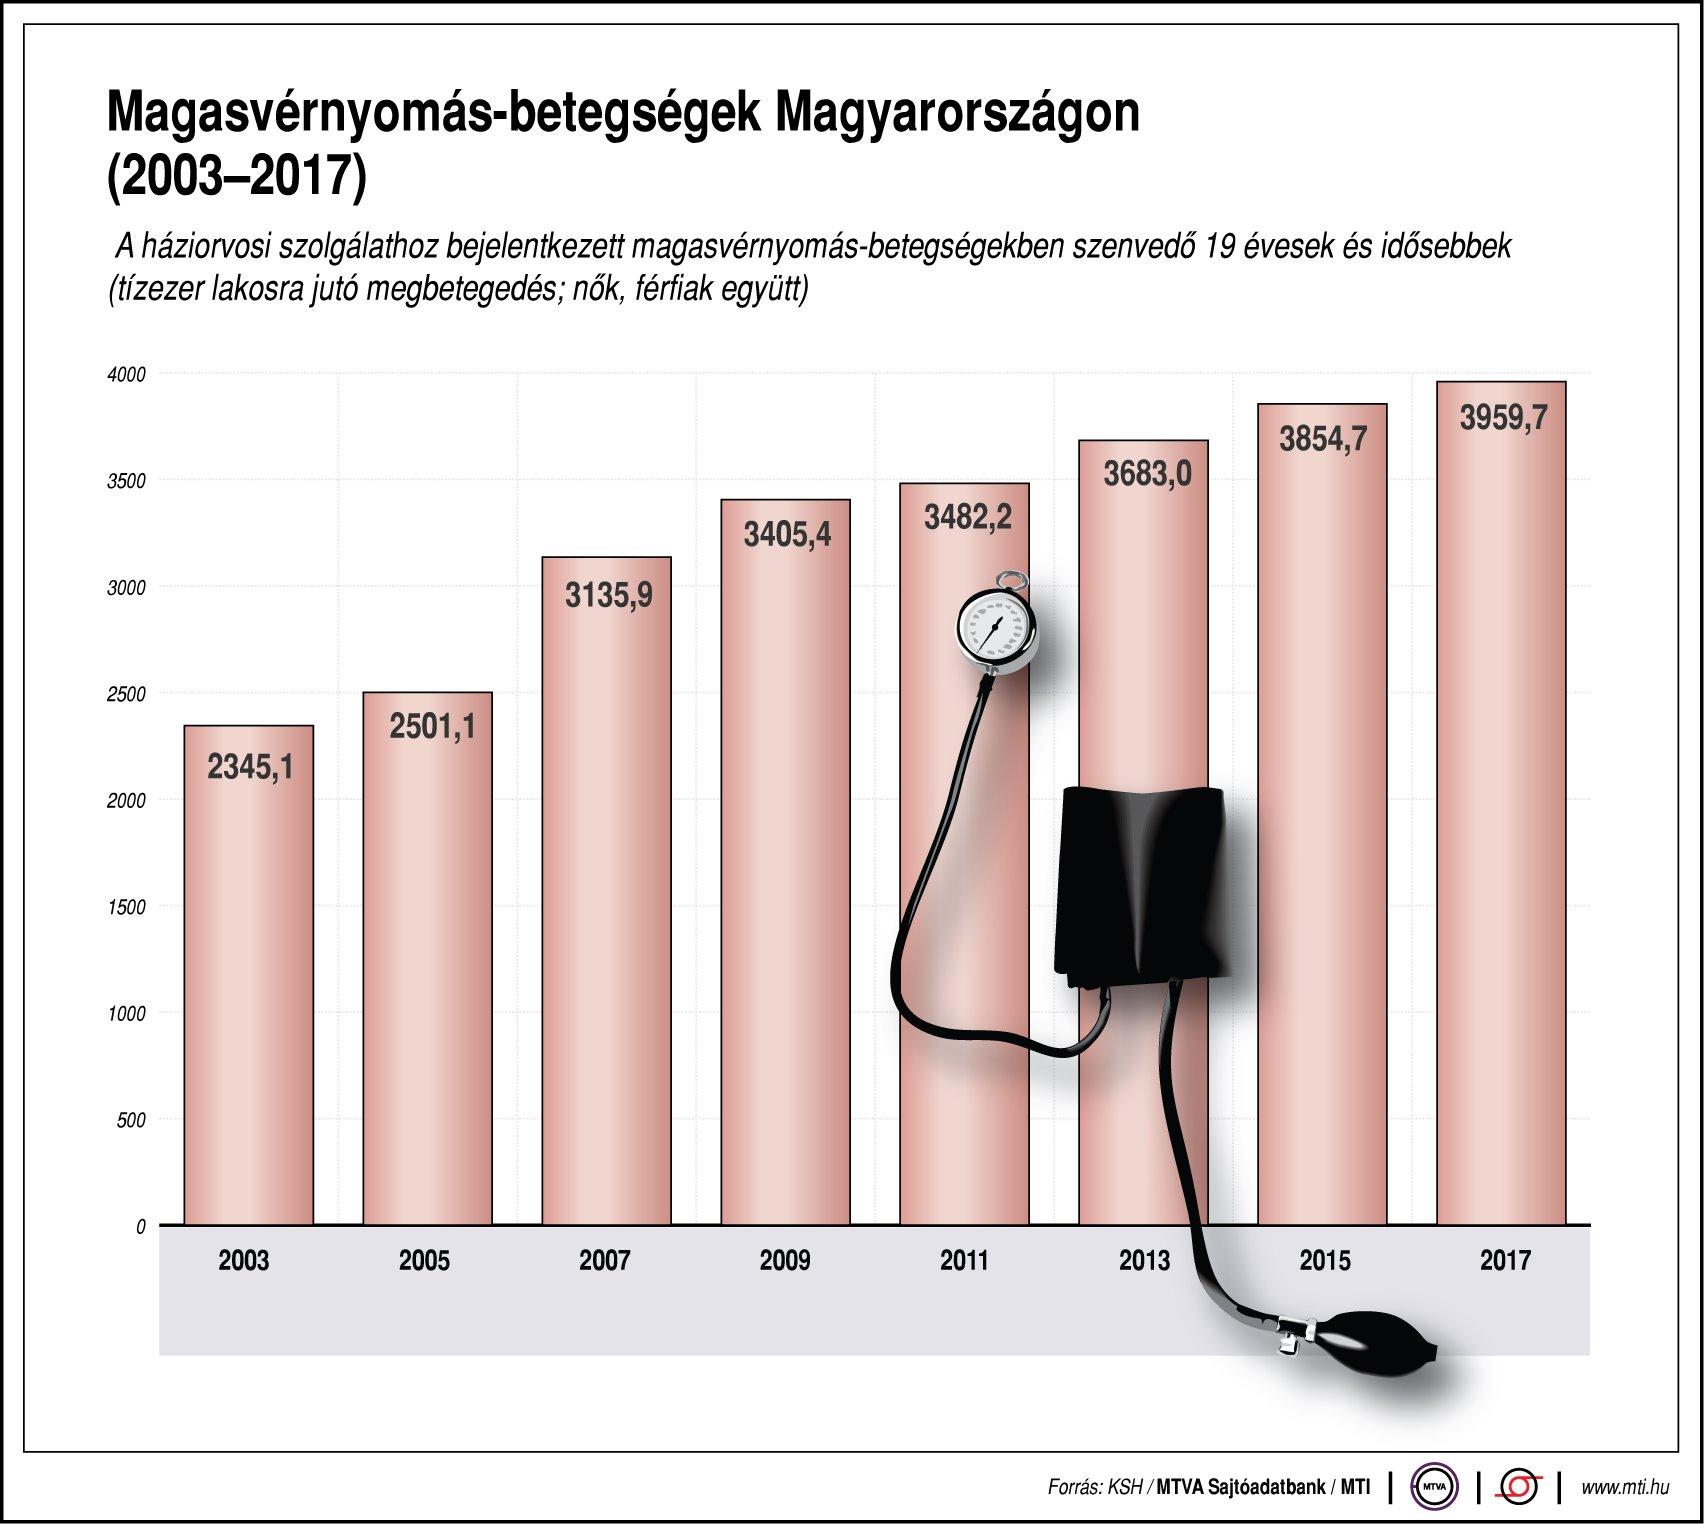 szerelem és magas vérnyomás novopassit magas vérnyomás esetén